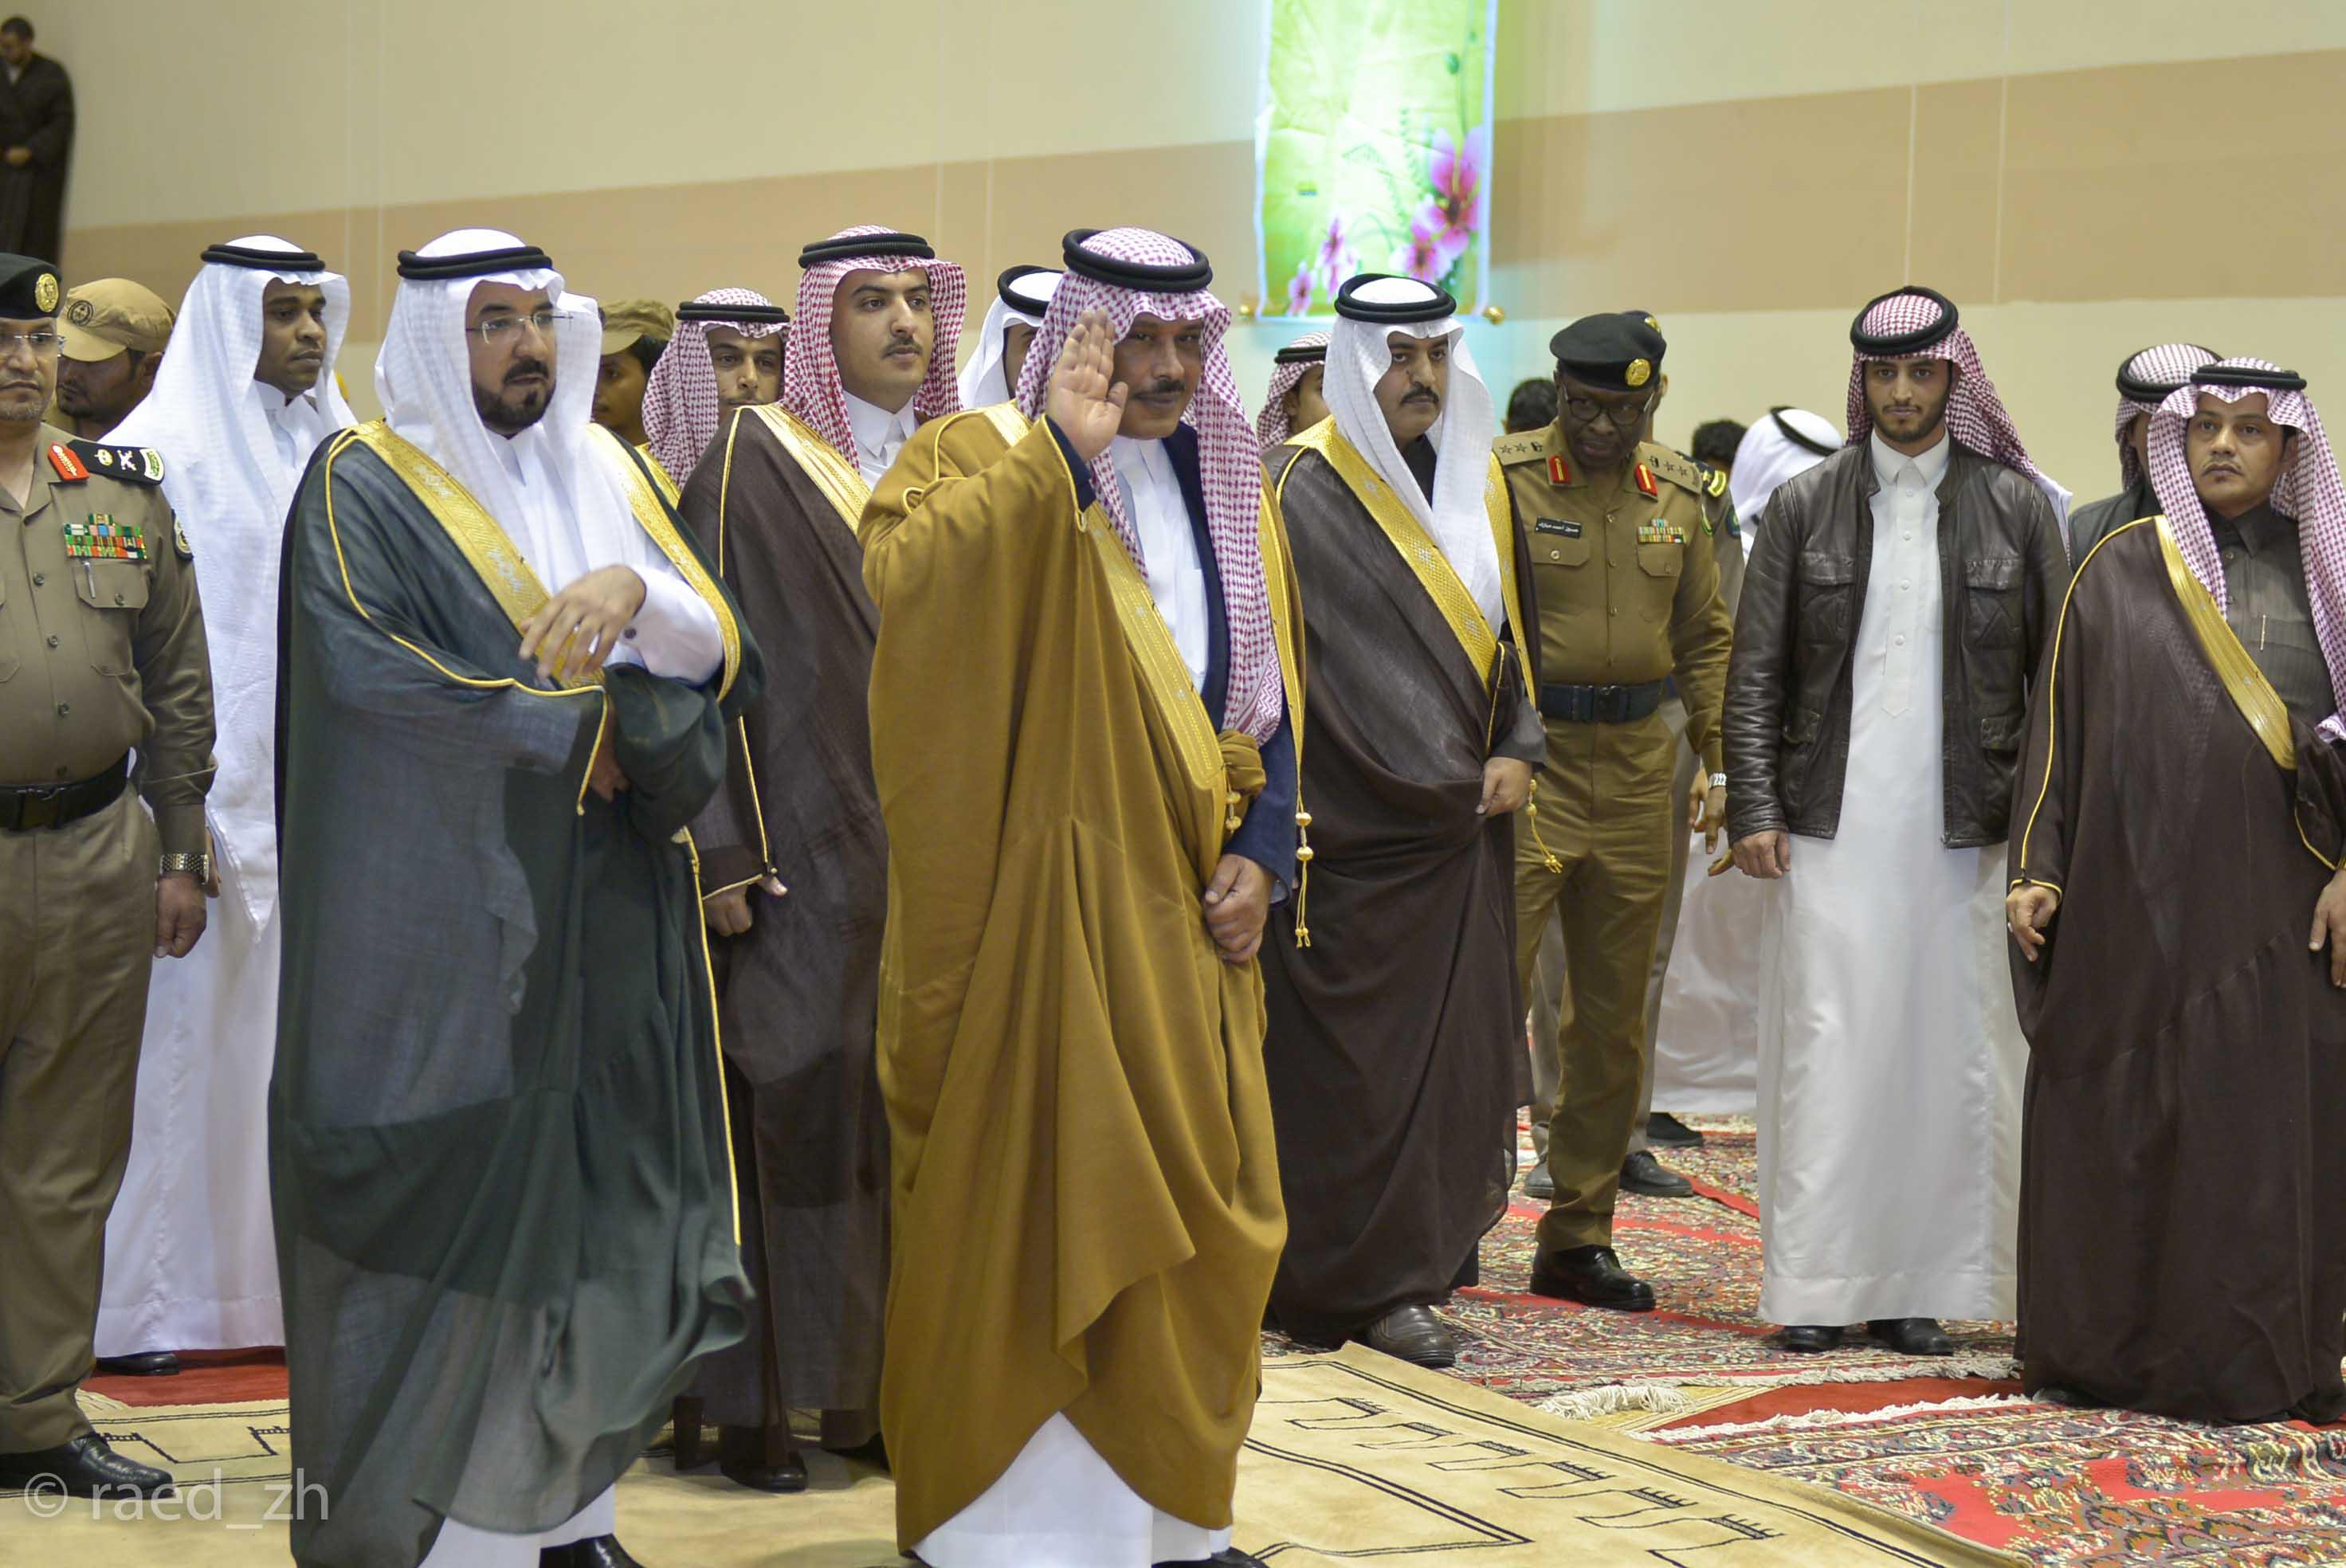 امير الباحة يرعى تخريج الدفعة العاشرة من طلاب وطالبات جامعة الباحة (5)